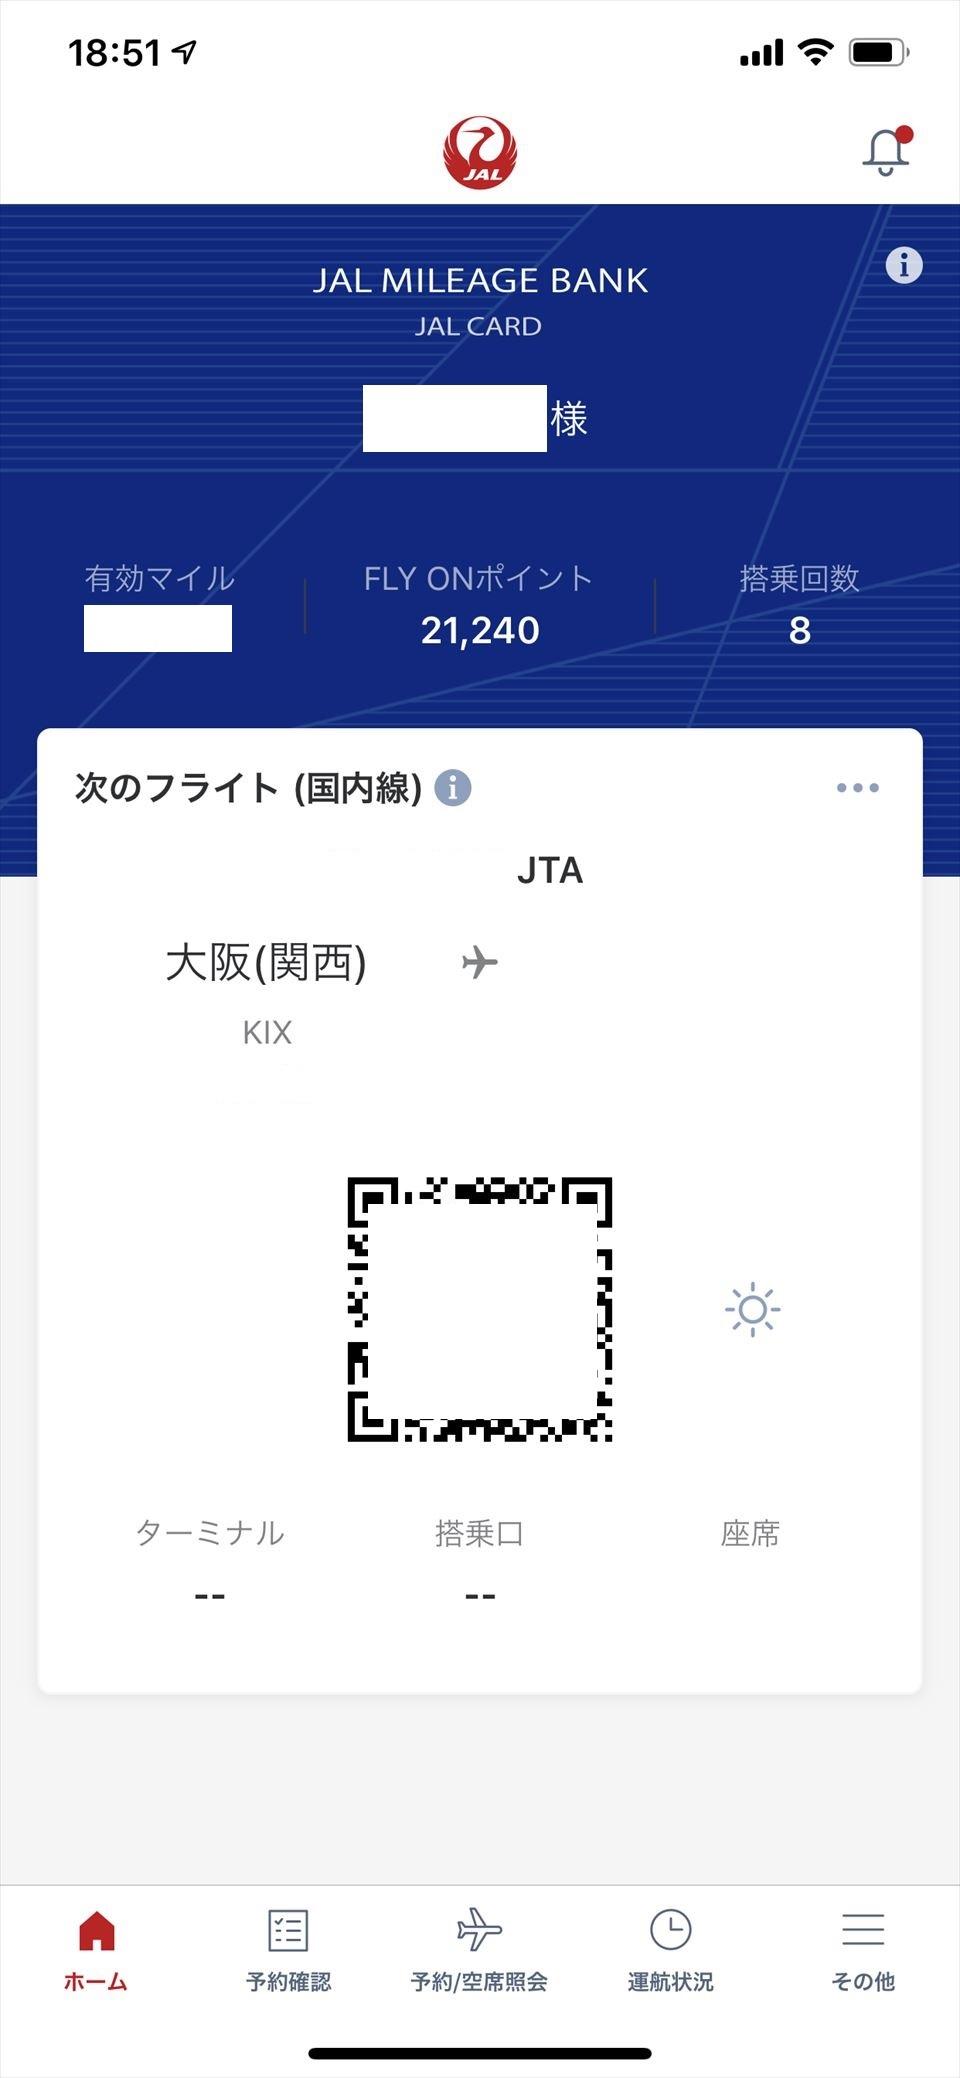 虎キチ 2020【FEB-1】(14)旅行記 JGC修行《8》JAL 2502便 CTS-KIX-7